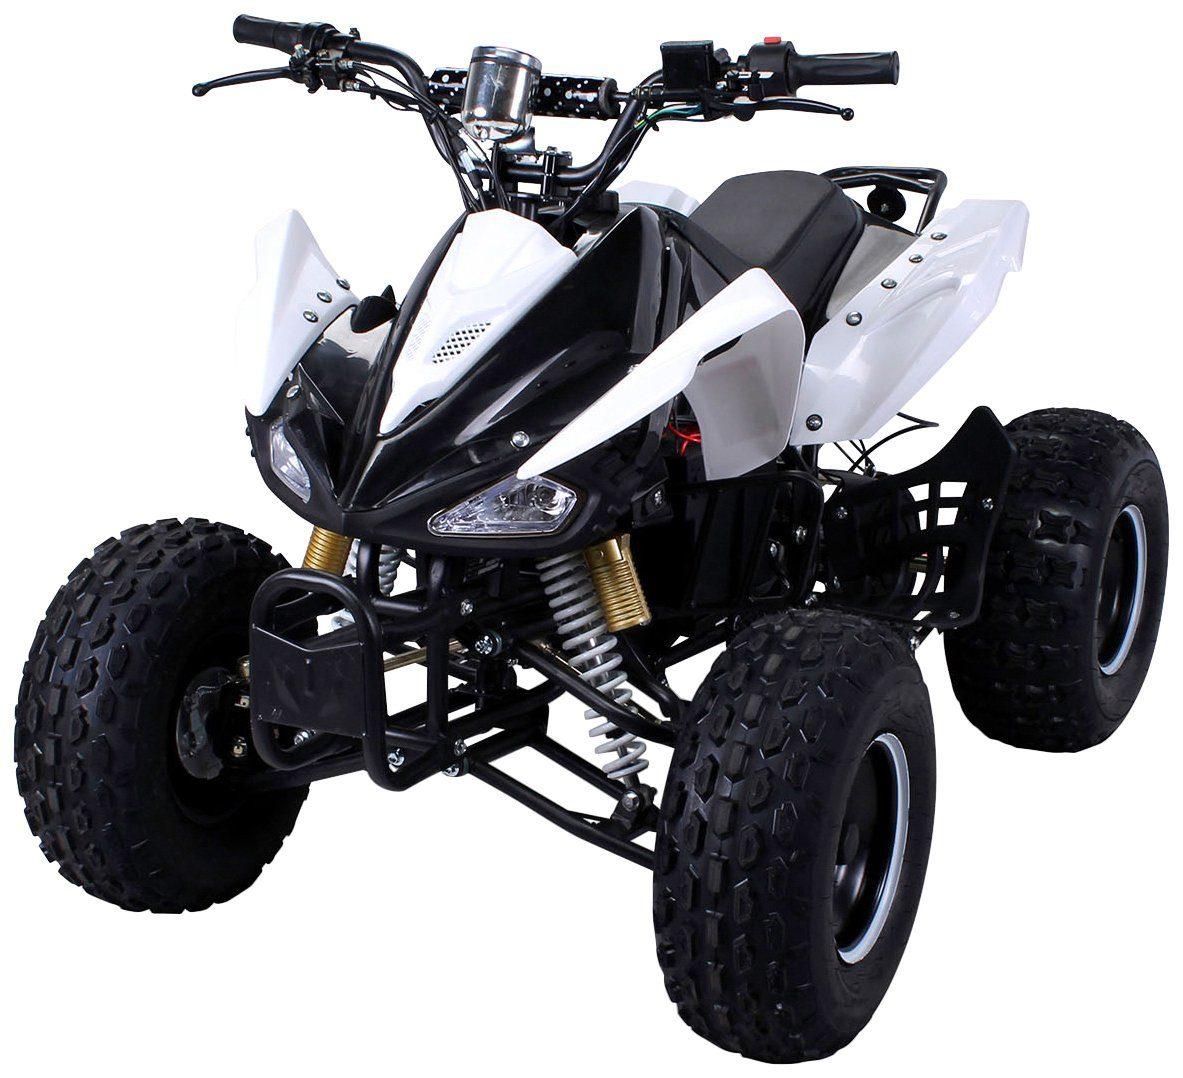 ACTIONBIKES MOTORS Quad »S-14 Speedy«, für Kinder ab 12 Jahre, elektrisch, 1000 Watt